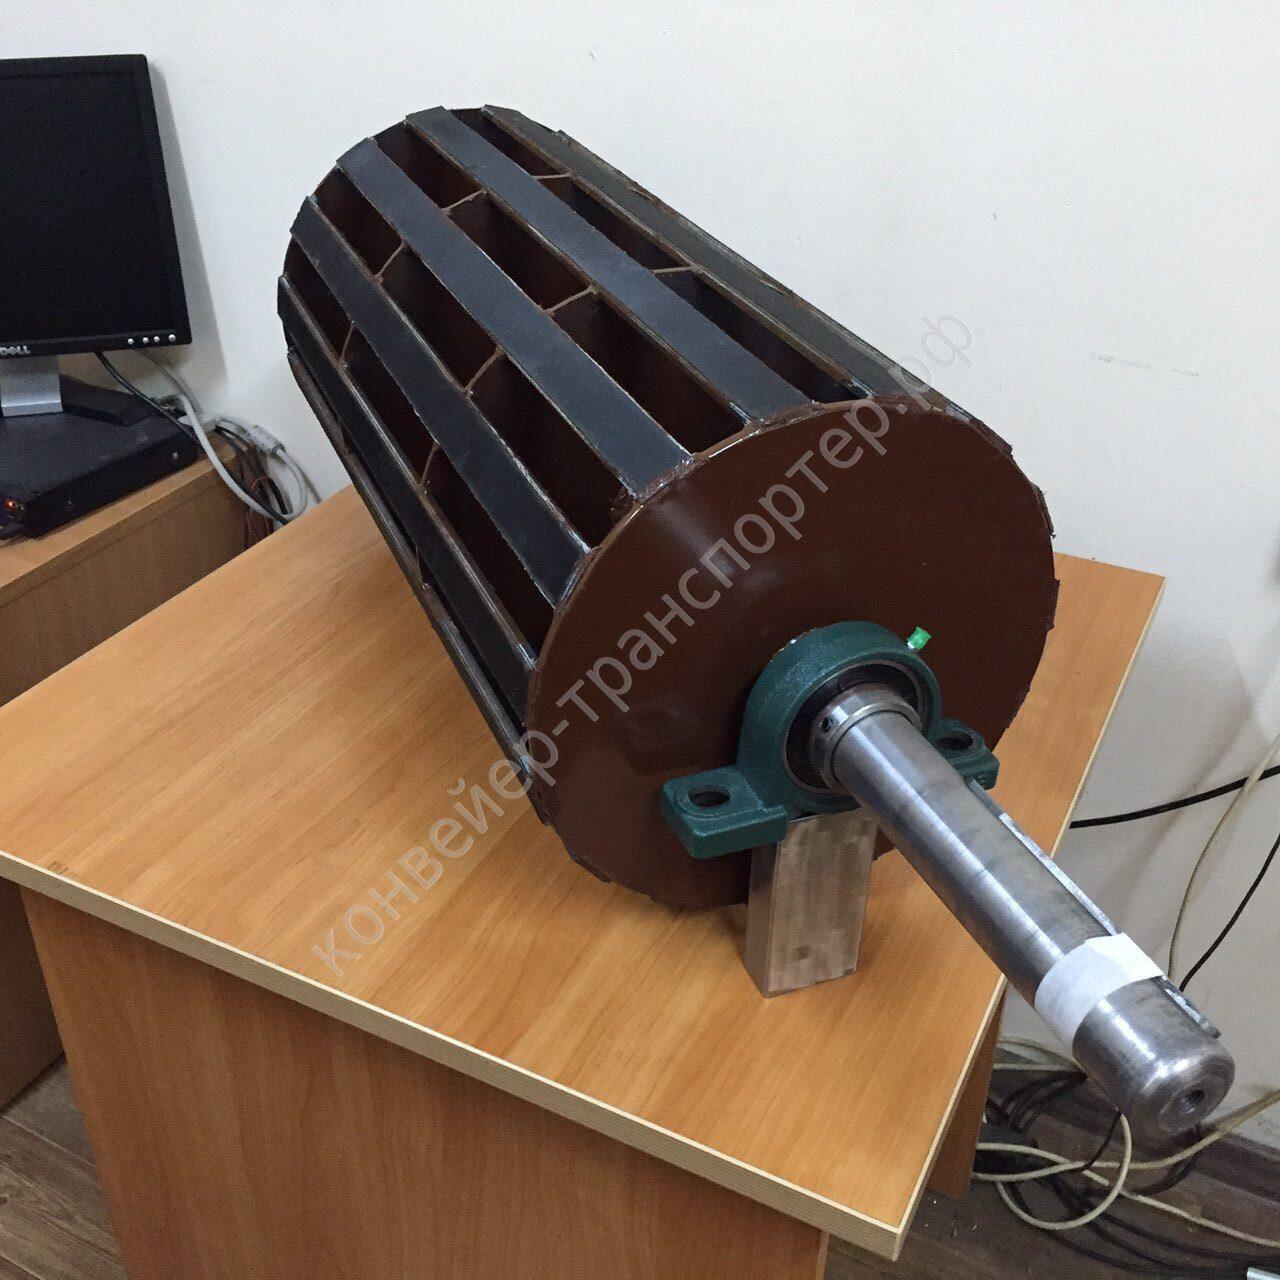 Транспортеры ленточные мотор барабан т5 транспортер грузоподъемность